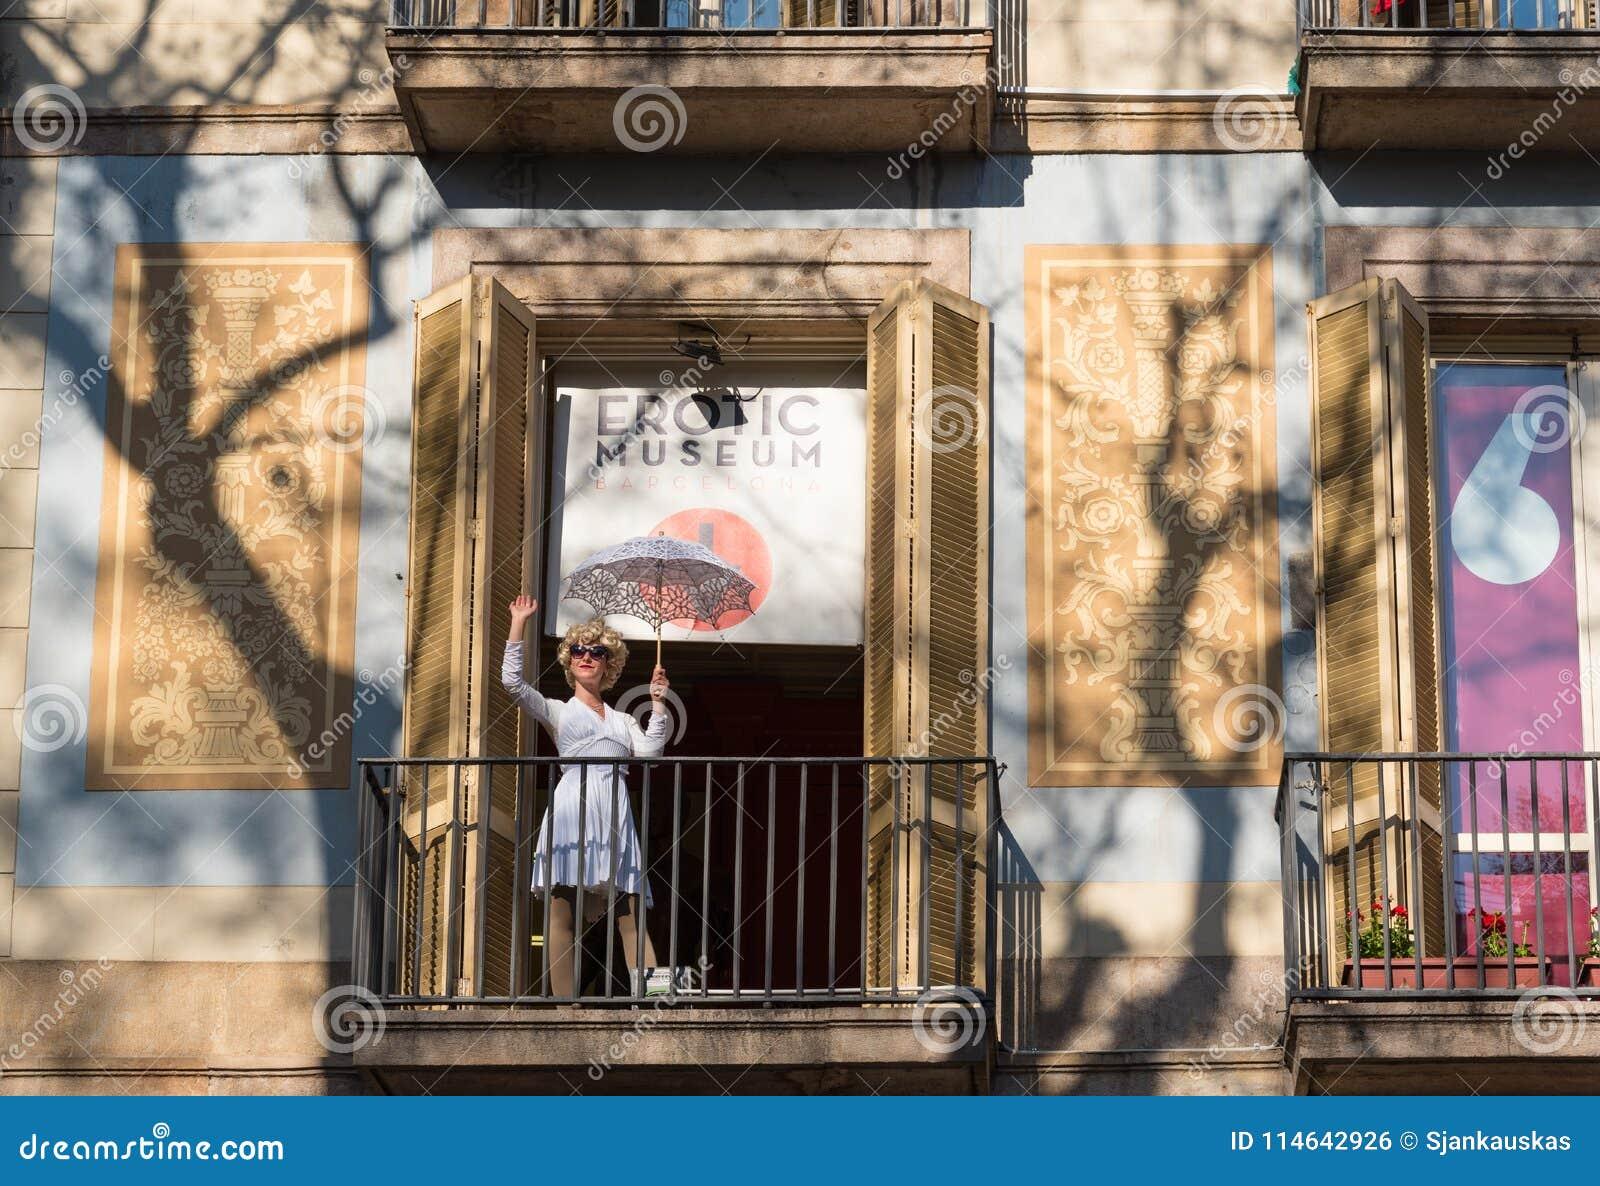 Musée érotique à Barcelone, Catalogne, Espagne